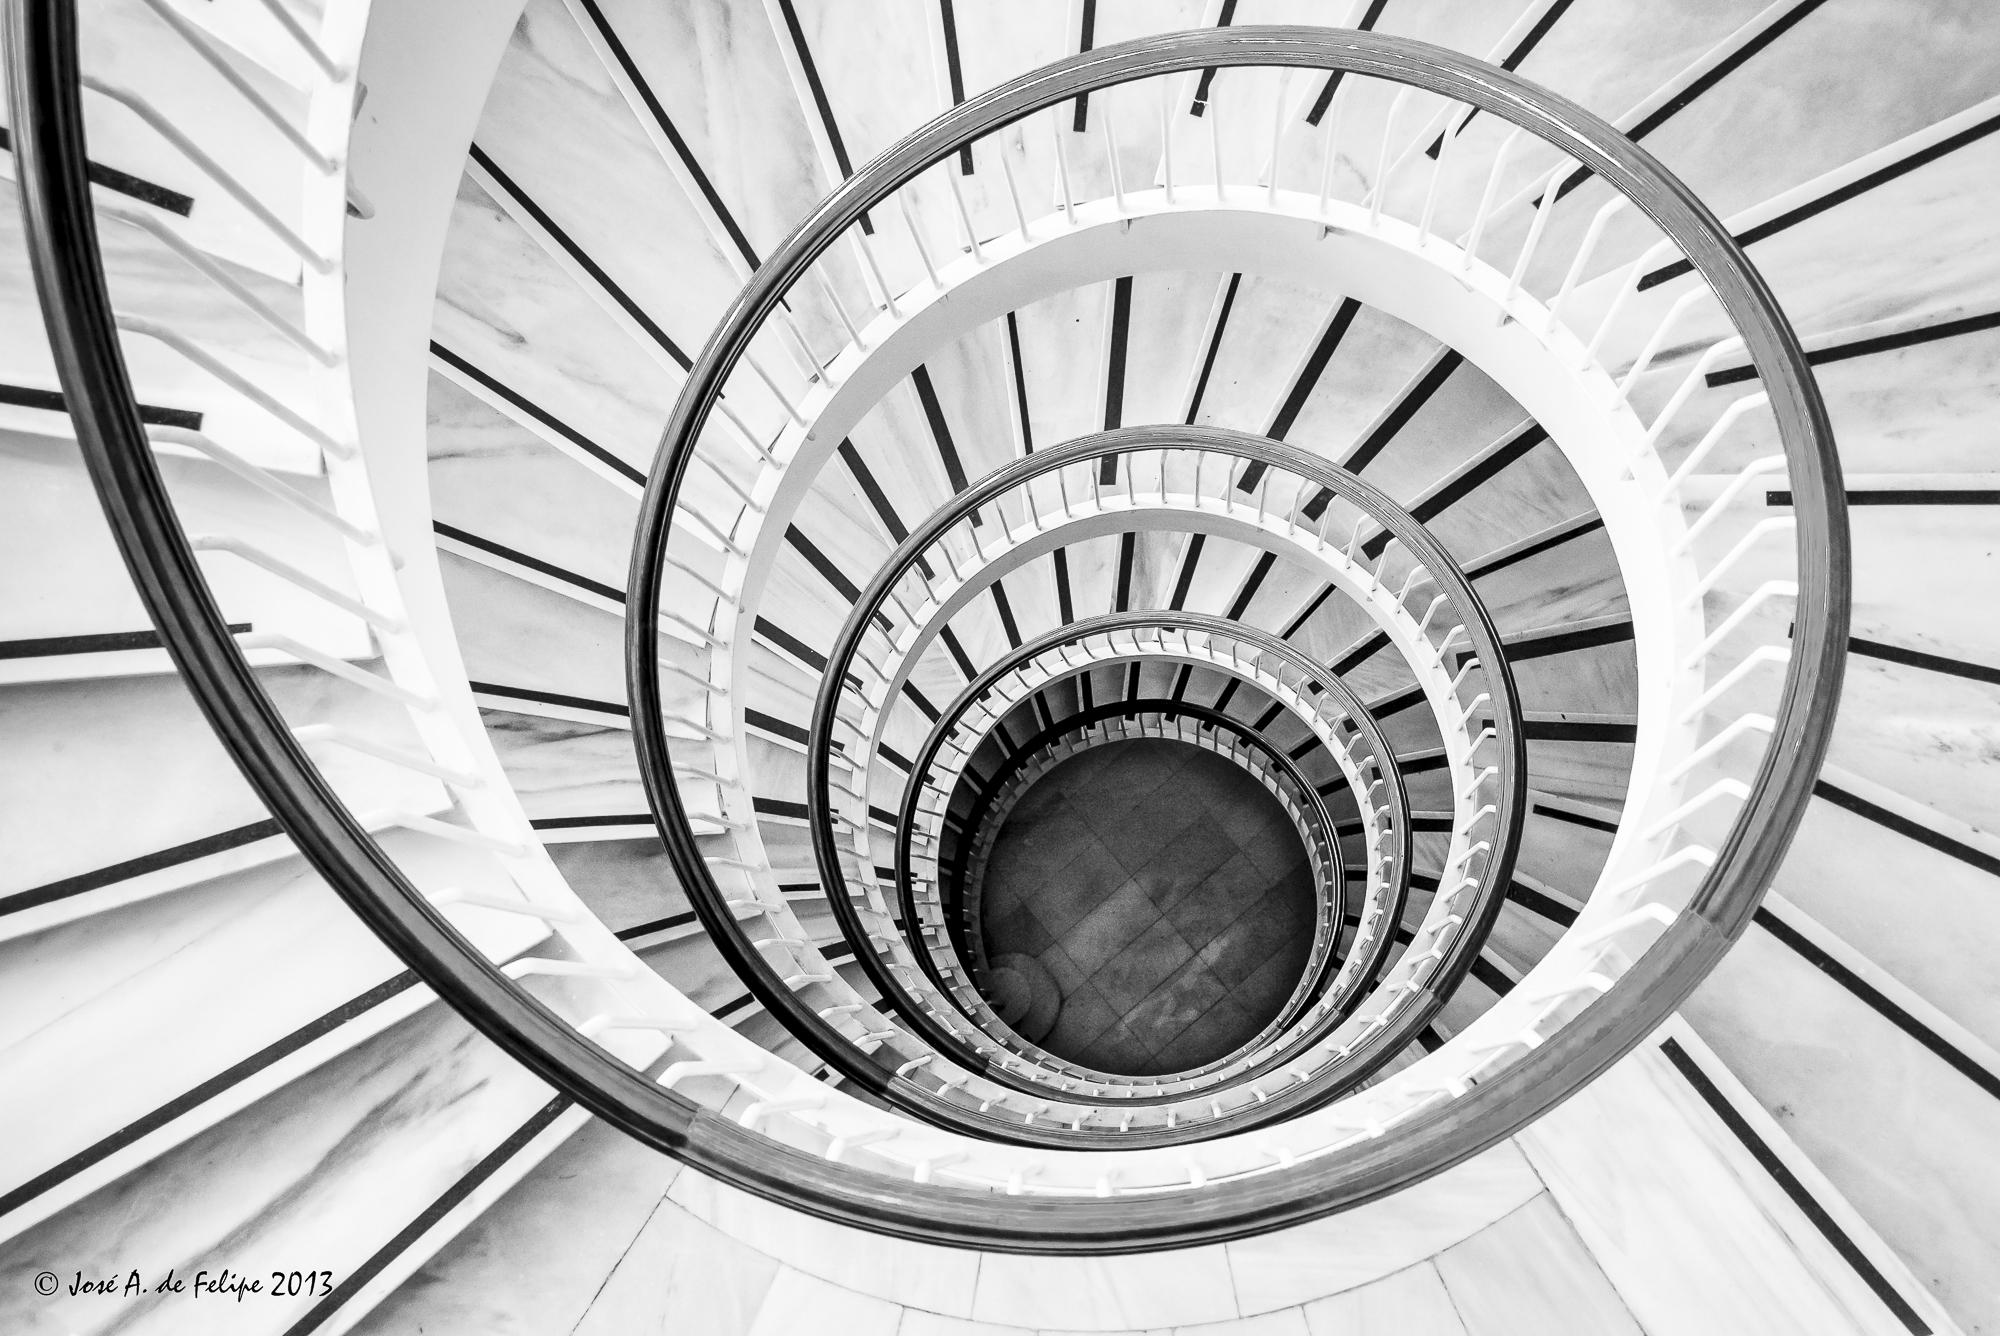 Escalera de caracol - ByN - Comunidad Nikonistas